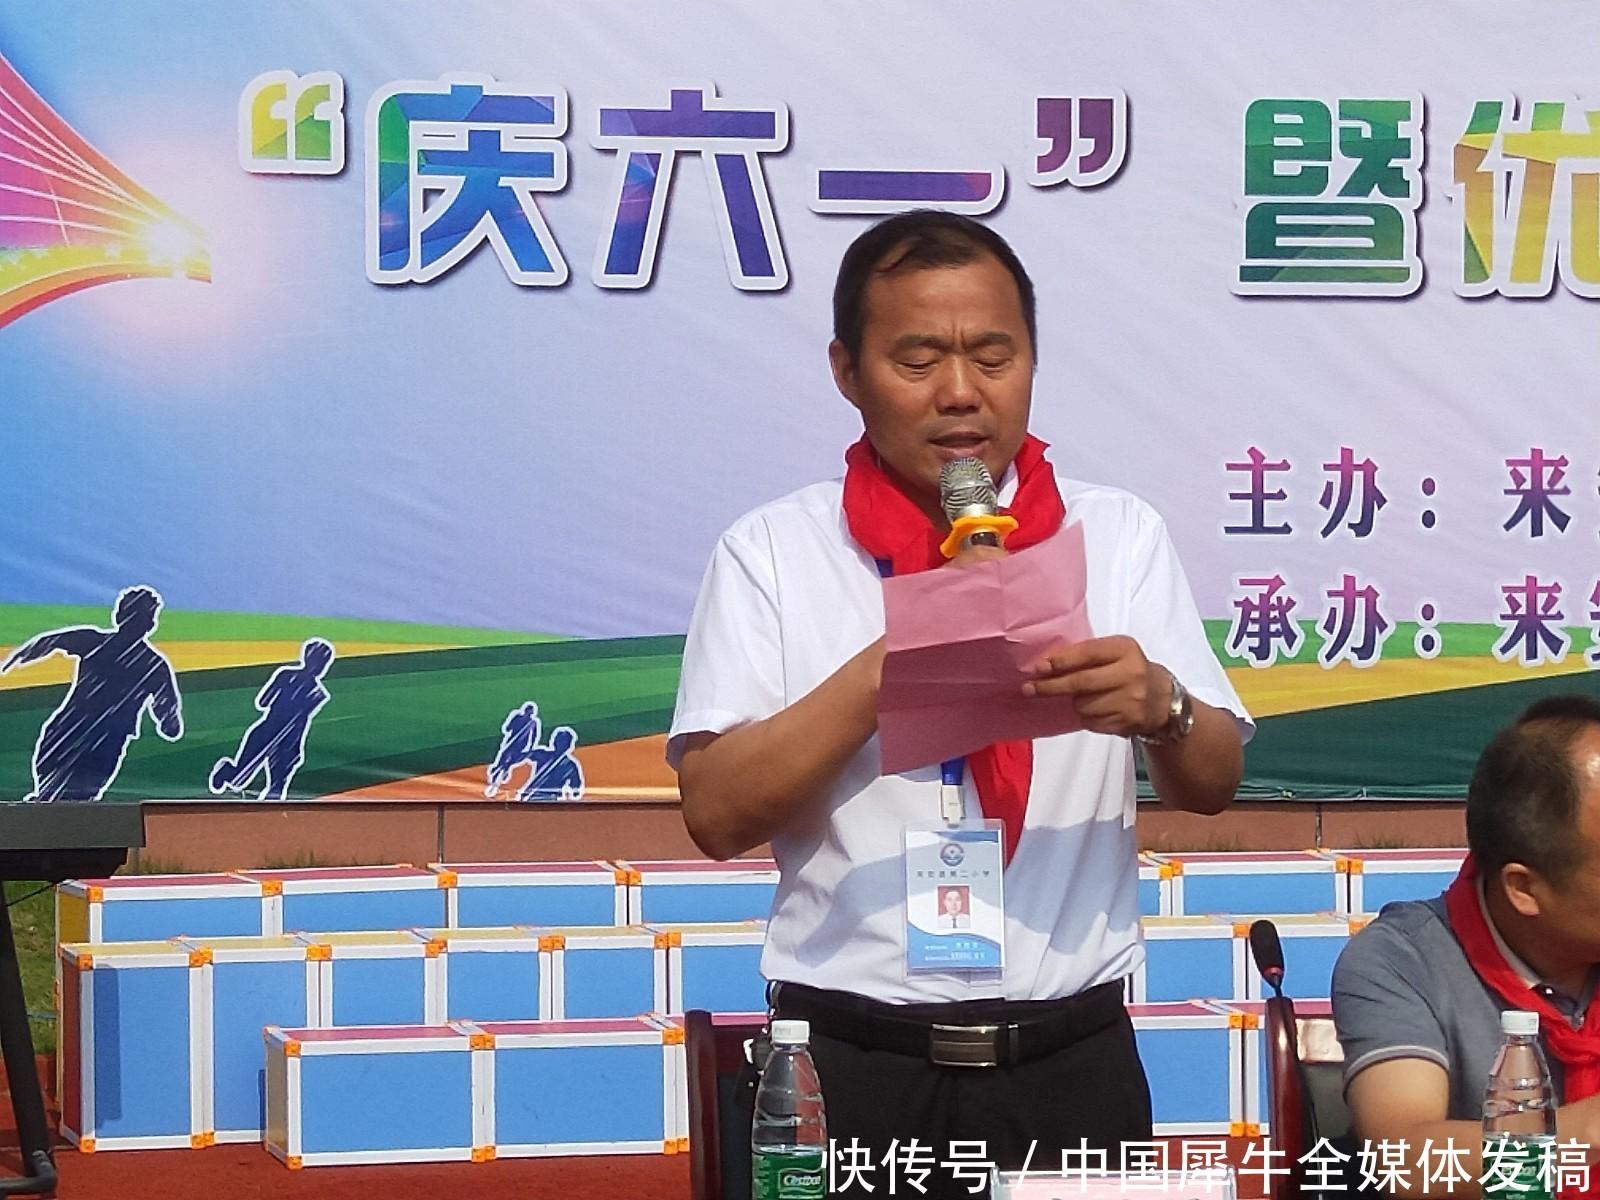 新闻快讯:放飞中国梦 高歌新时代